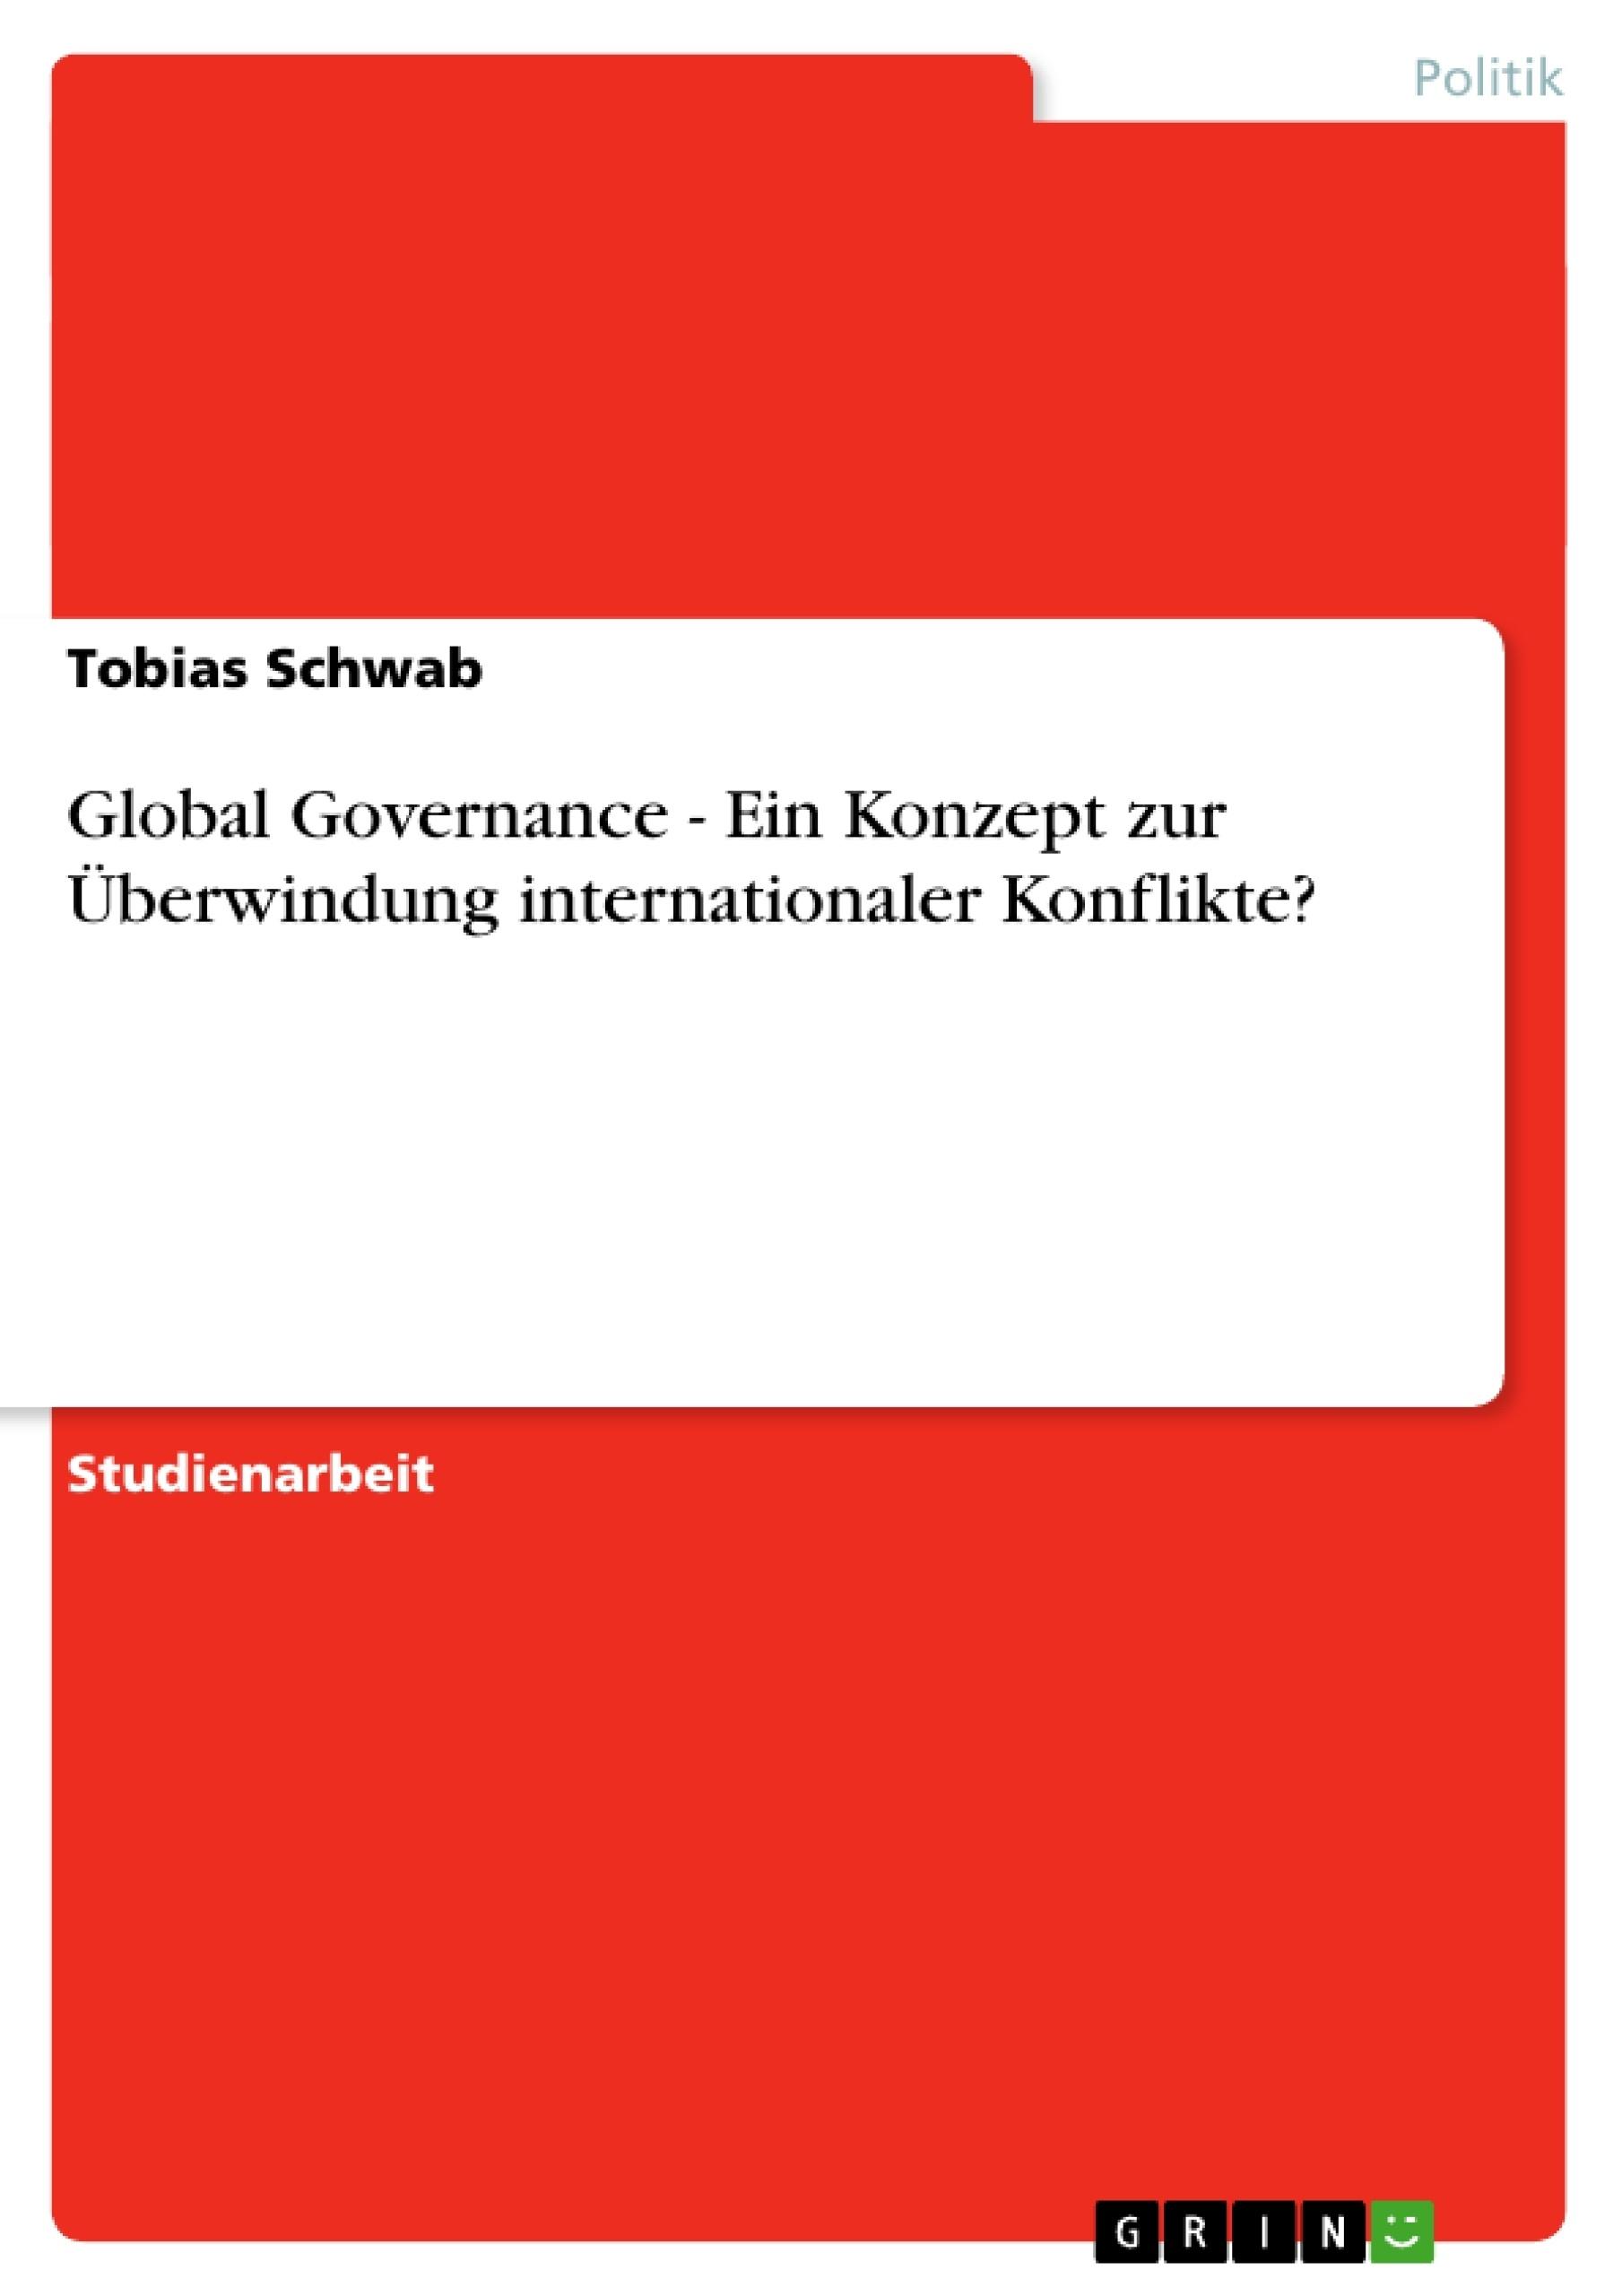 Titel: Global Governance - Ein Konzept zur Überwindung internationaler Konflikte?